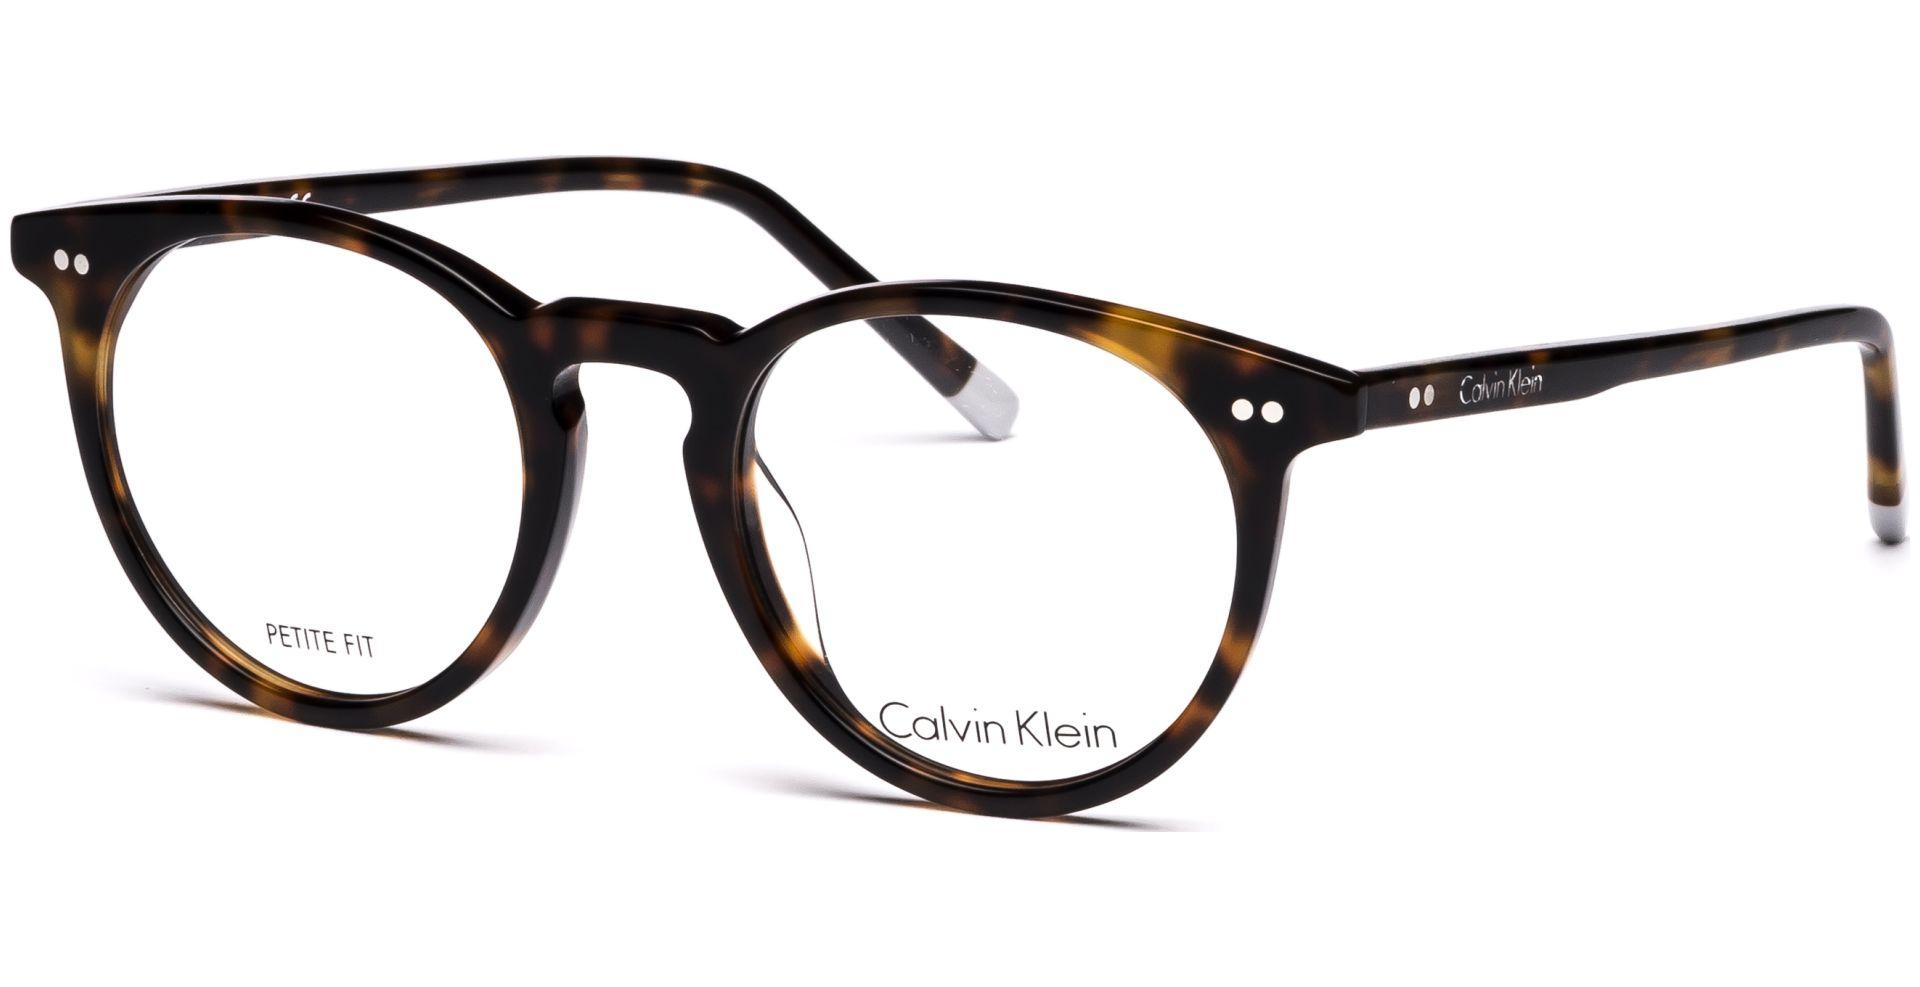 ck Calvin Klein - CK Platinum ck5937 214 4719 TORTOISE - von Lensbest